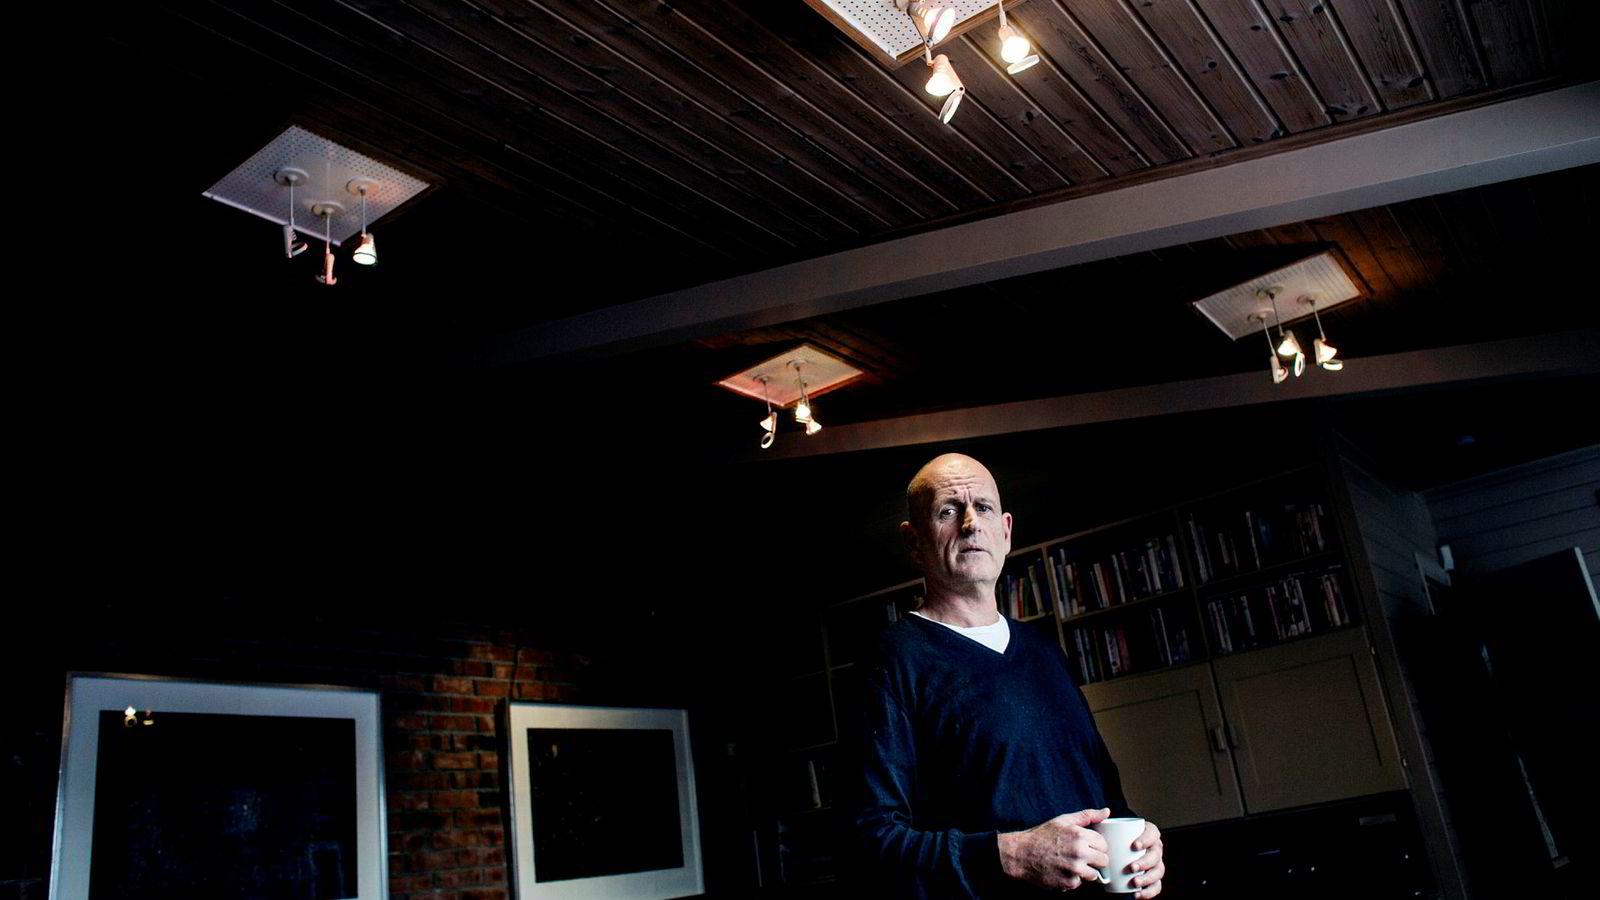 Finansblogger og tidligere investeringsdirektør Peter Warren reagerer med vantro på aksjeomsetningen i Optin Bank.